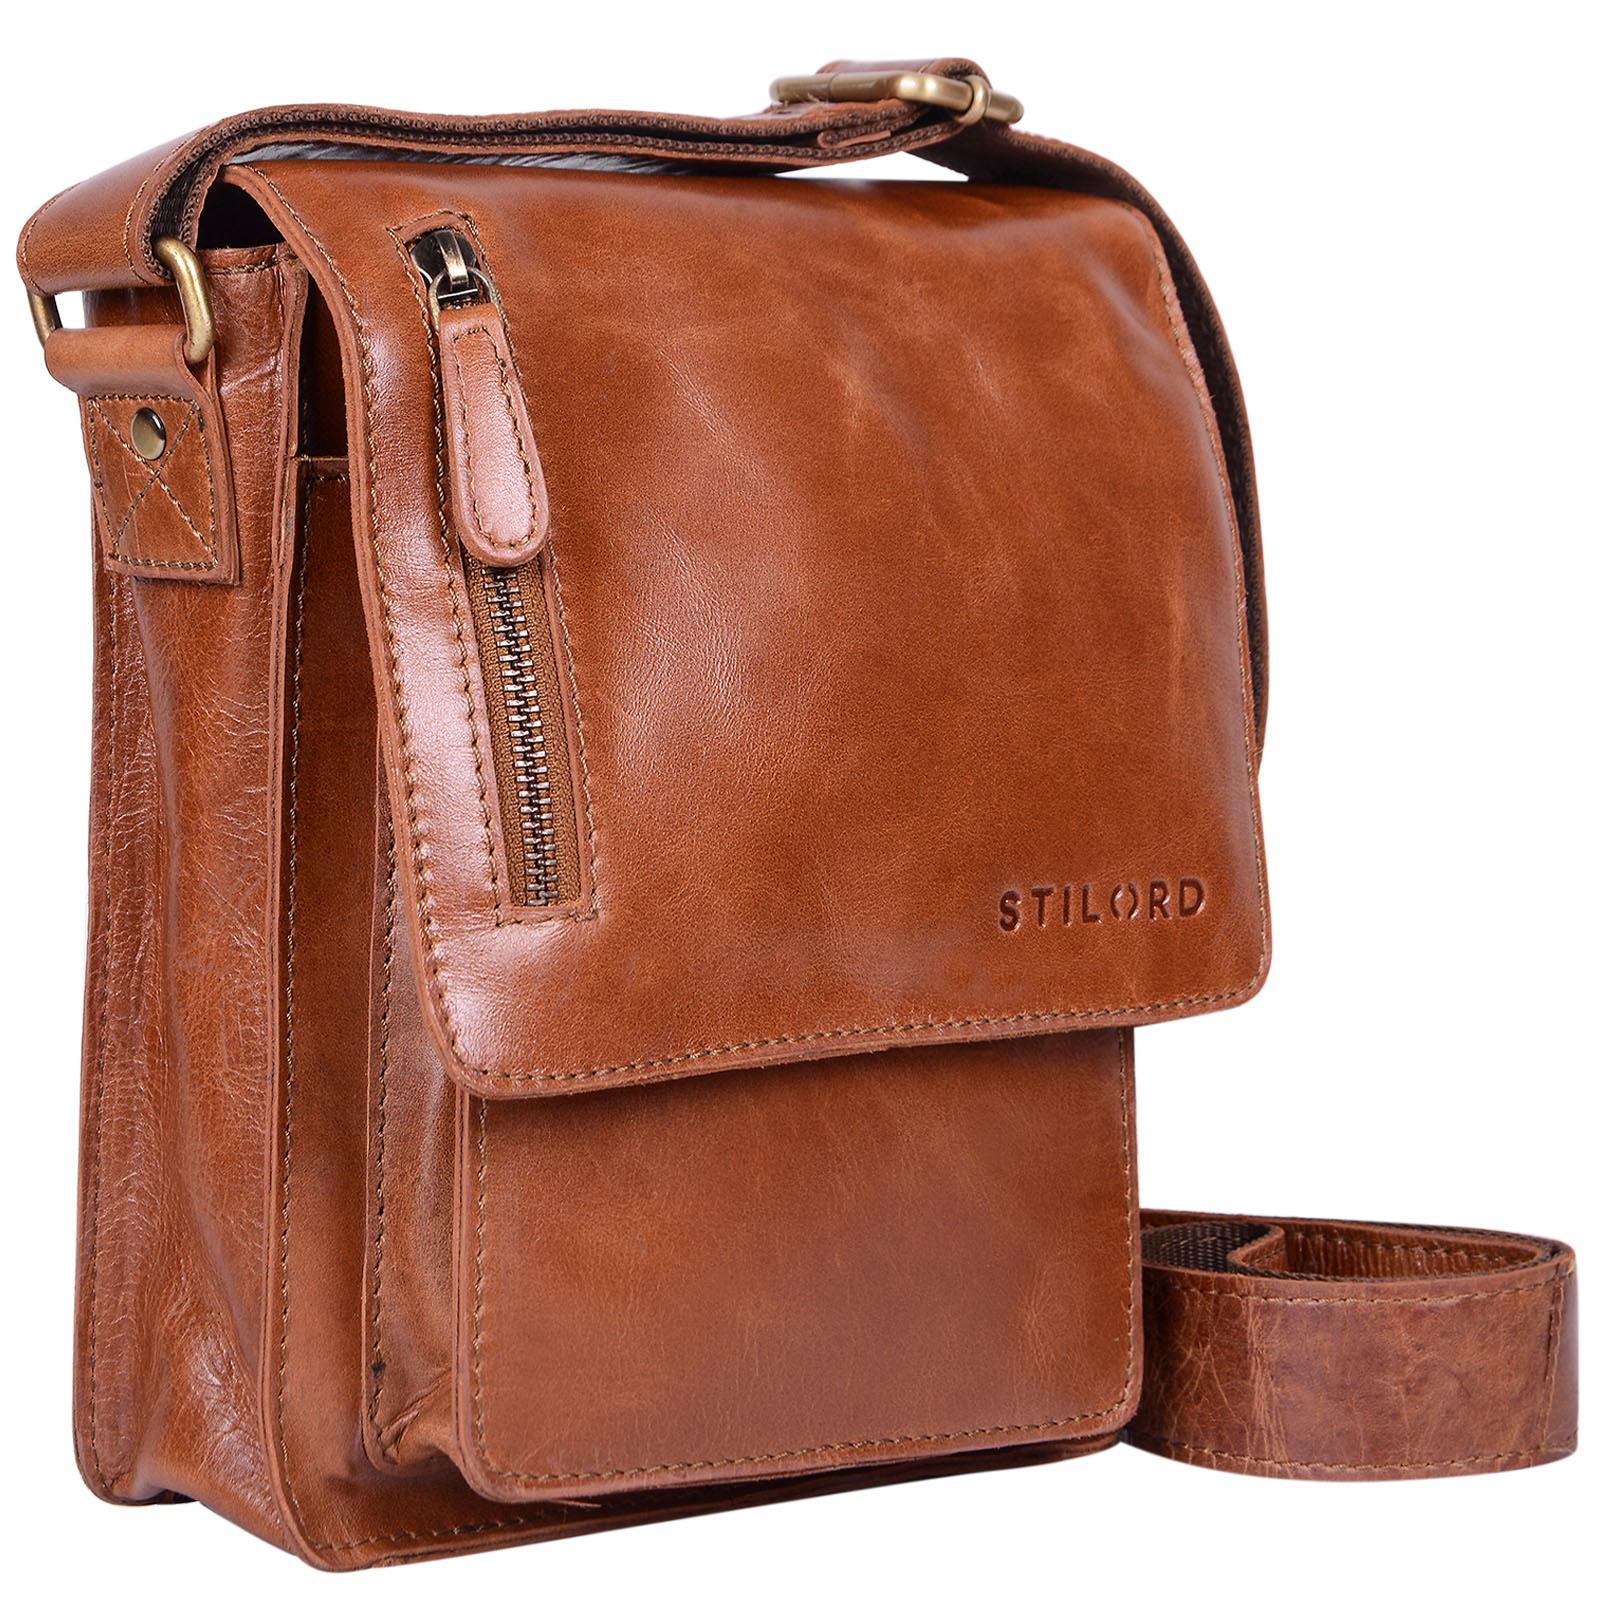 """STILORD """"Finn"""" kleine Umhängetasche Herren Schultertasche Vintage Messenger Bag 8,4 Zoll Tablettasche echtes Büffel-Leder  - Bild 14"""